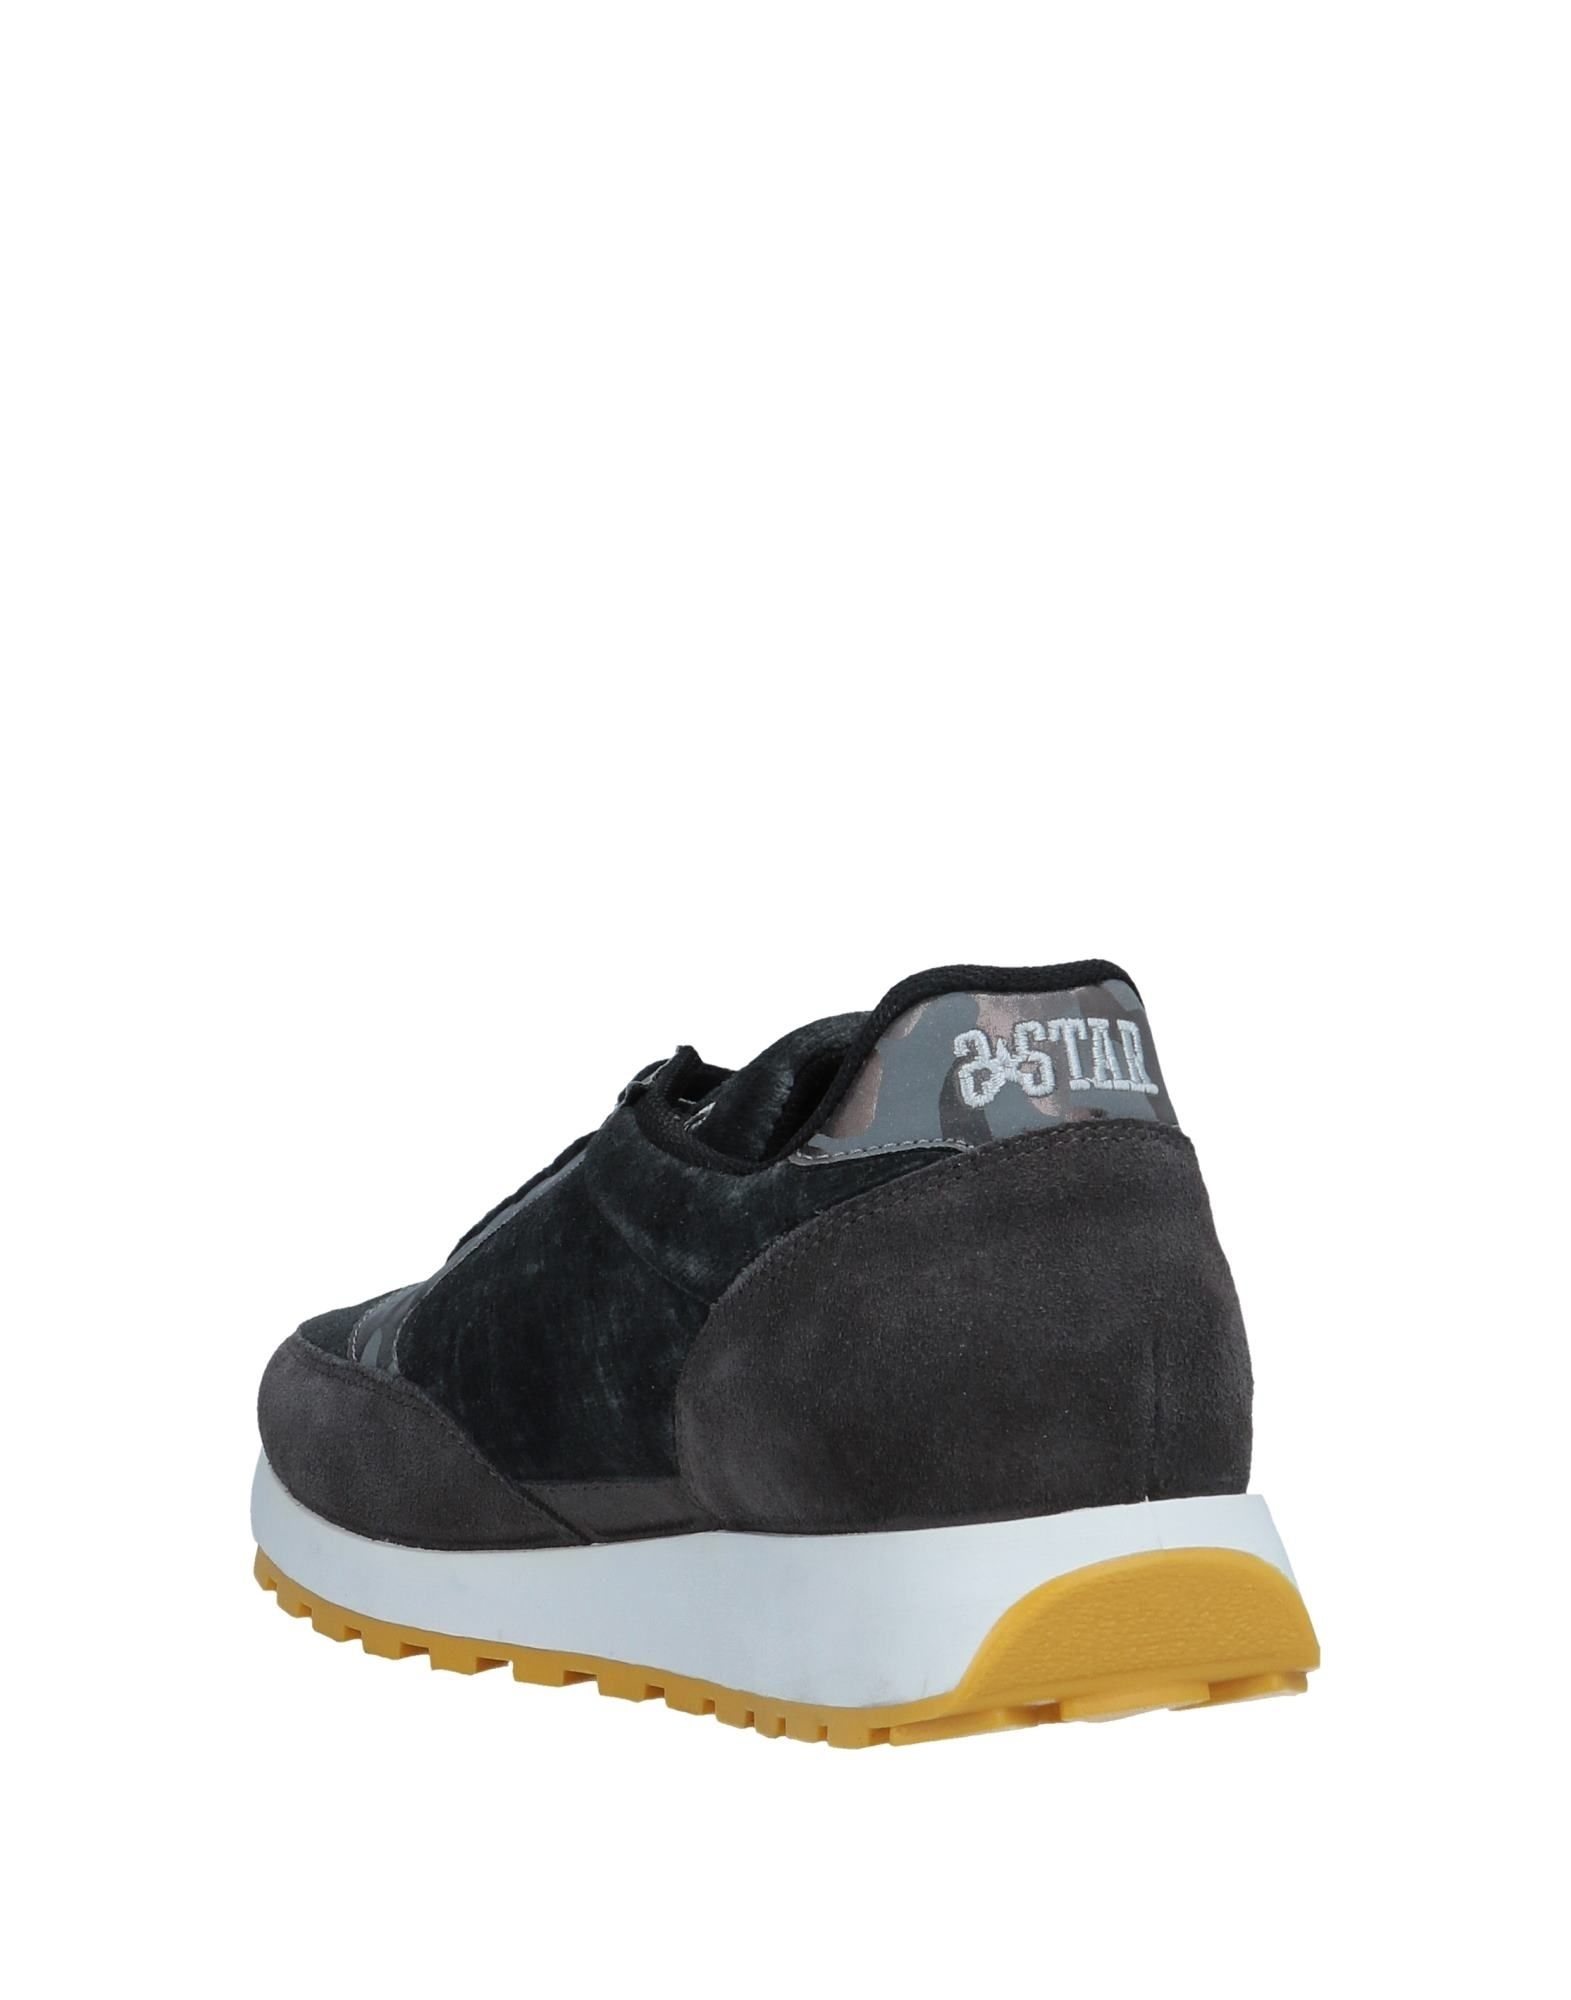 2Star Sneakers Damen  Qualität 11550861WF Gute Qualität  beliebte Schuhe 3a2fa4